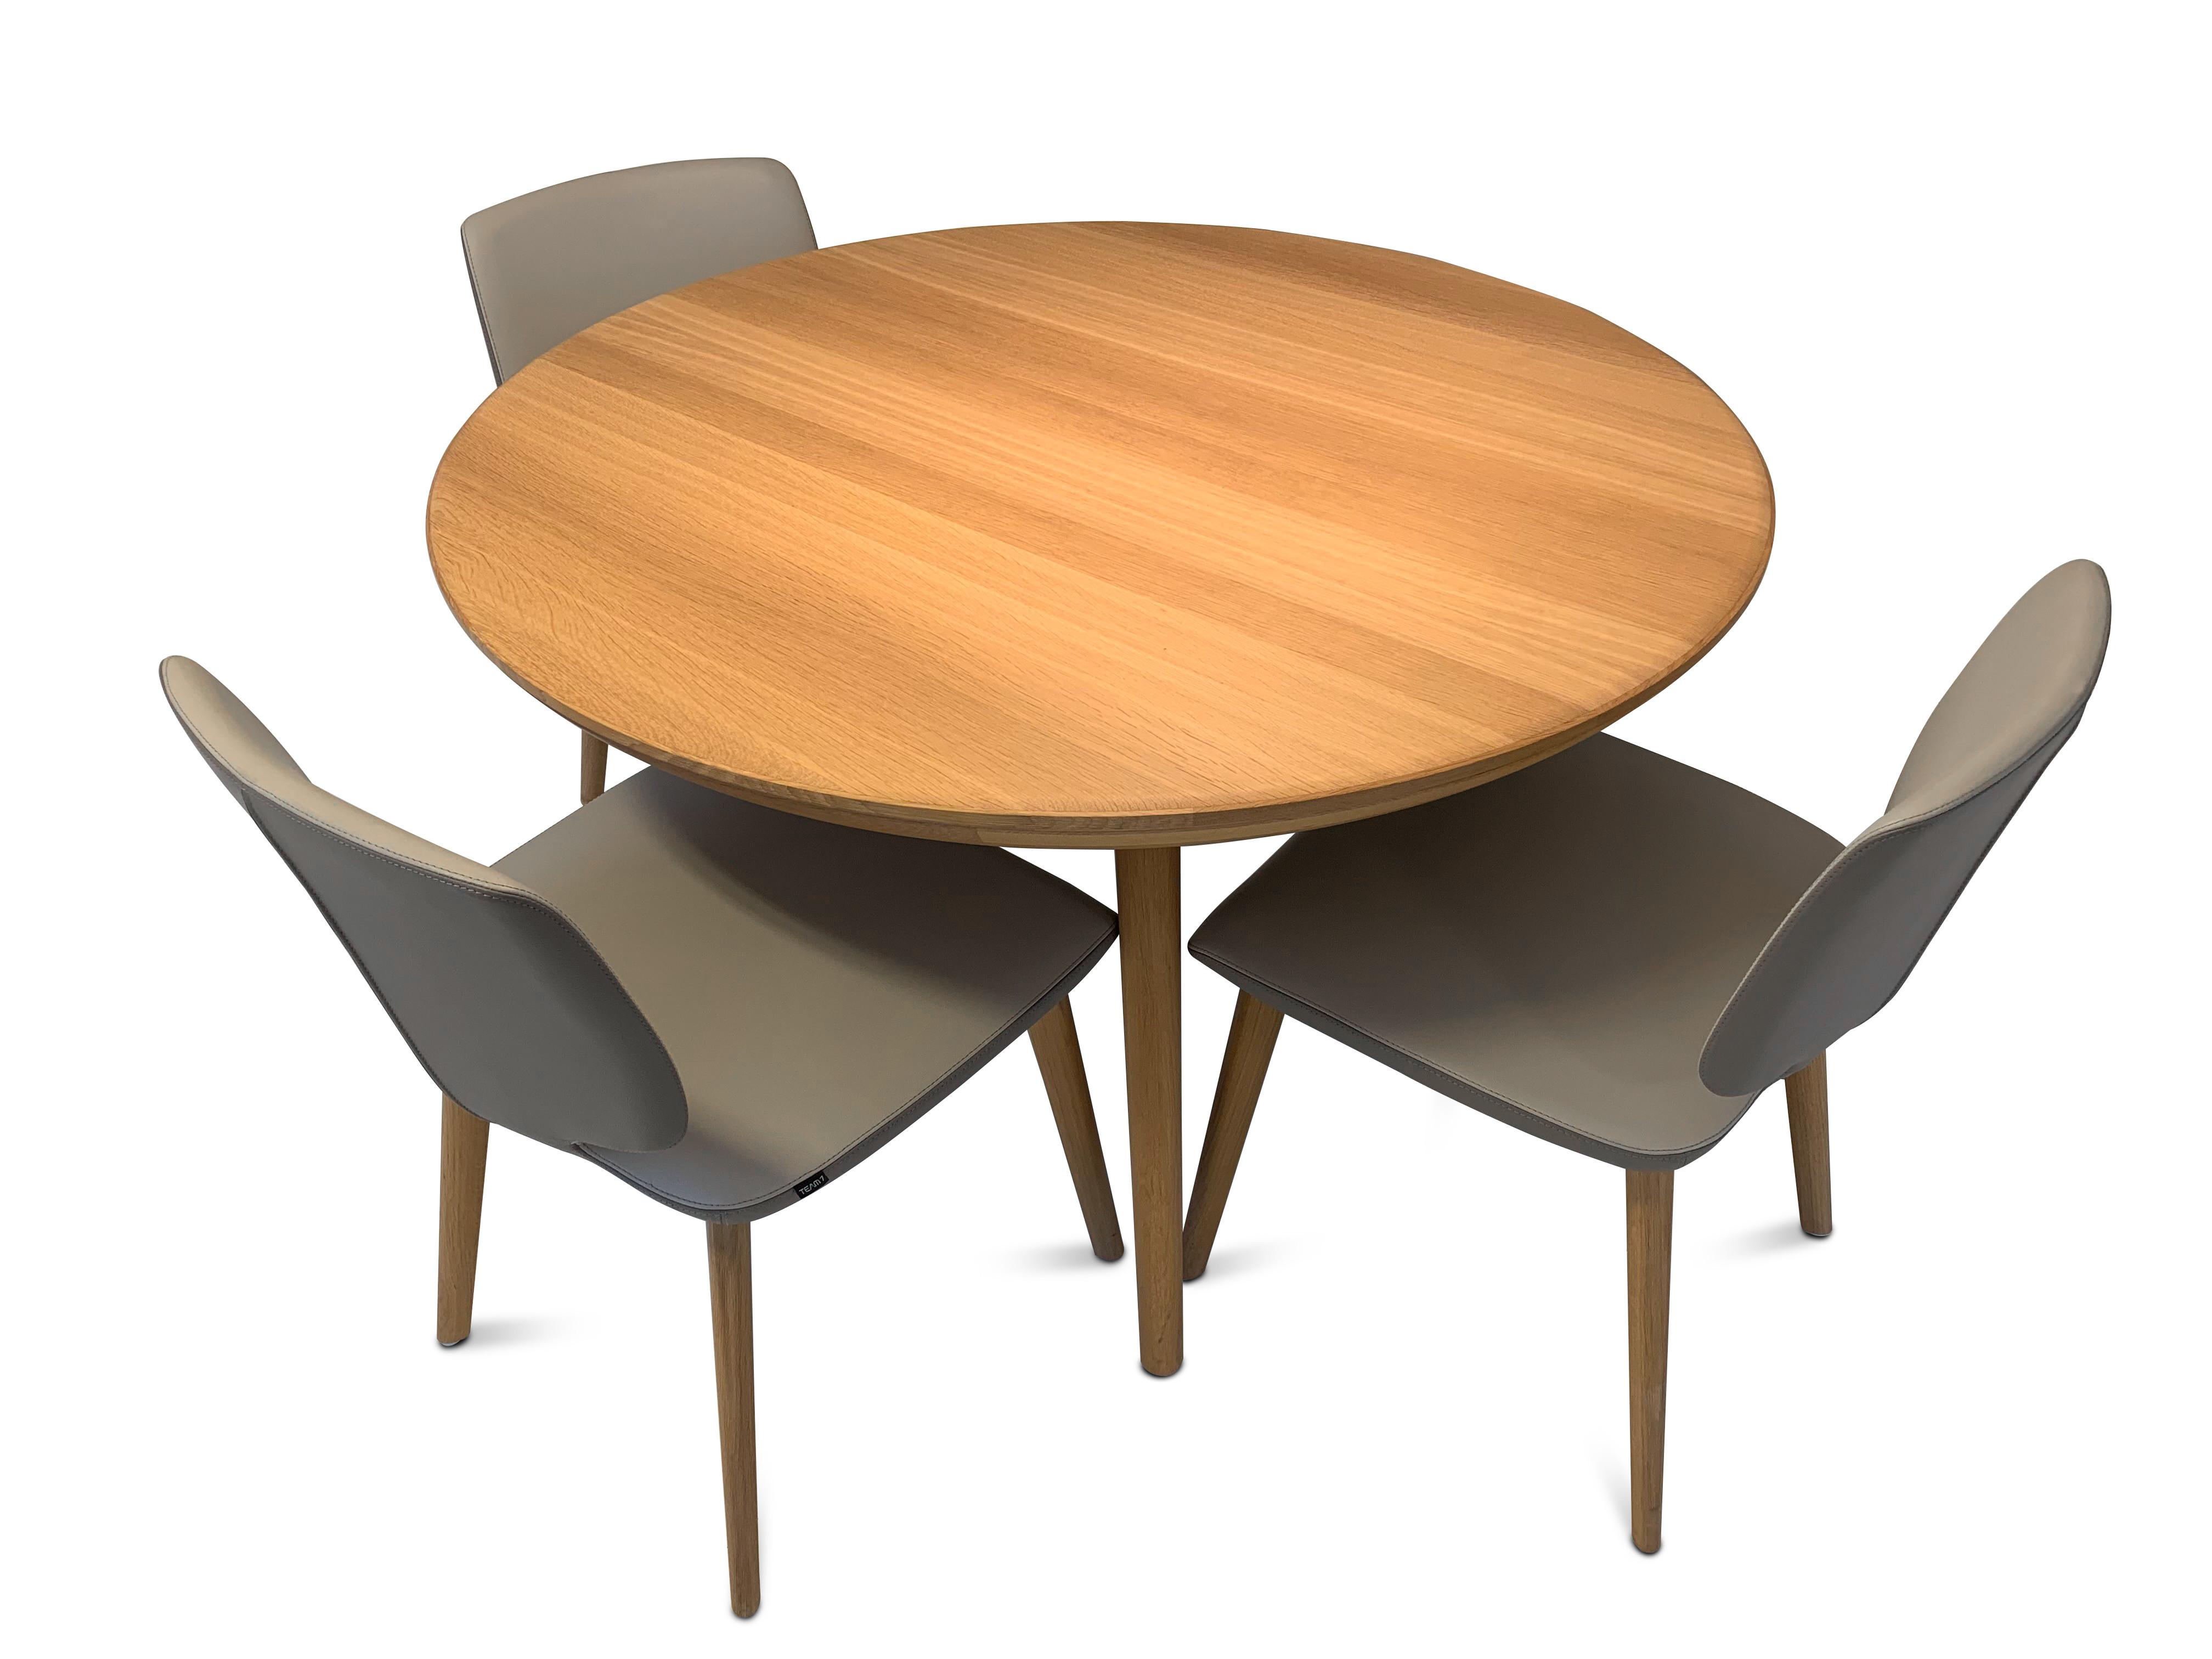 Esskombintation Tisch und Stühle (4 STK) Team7 09